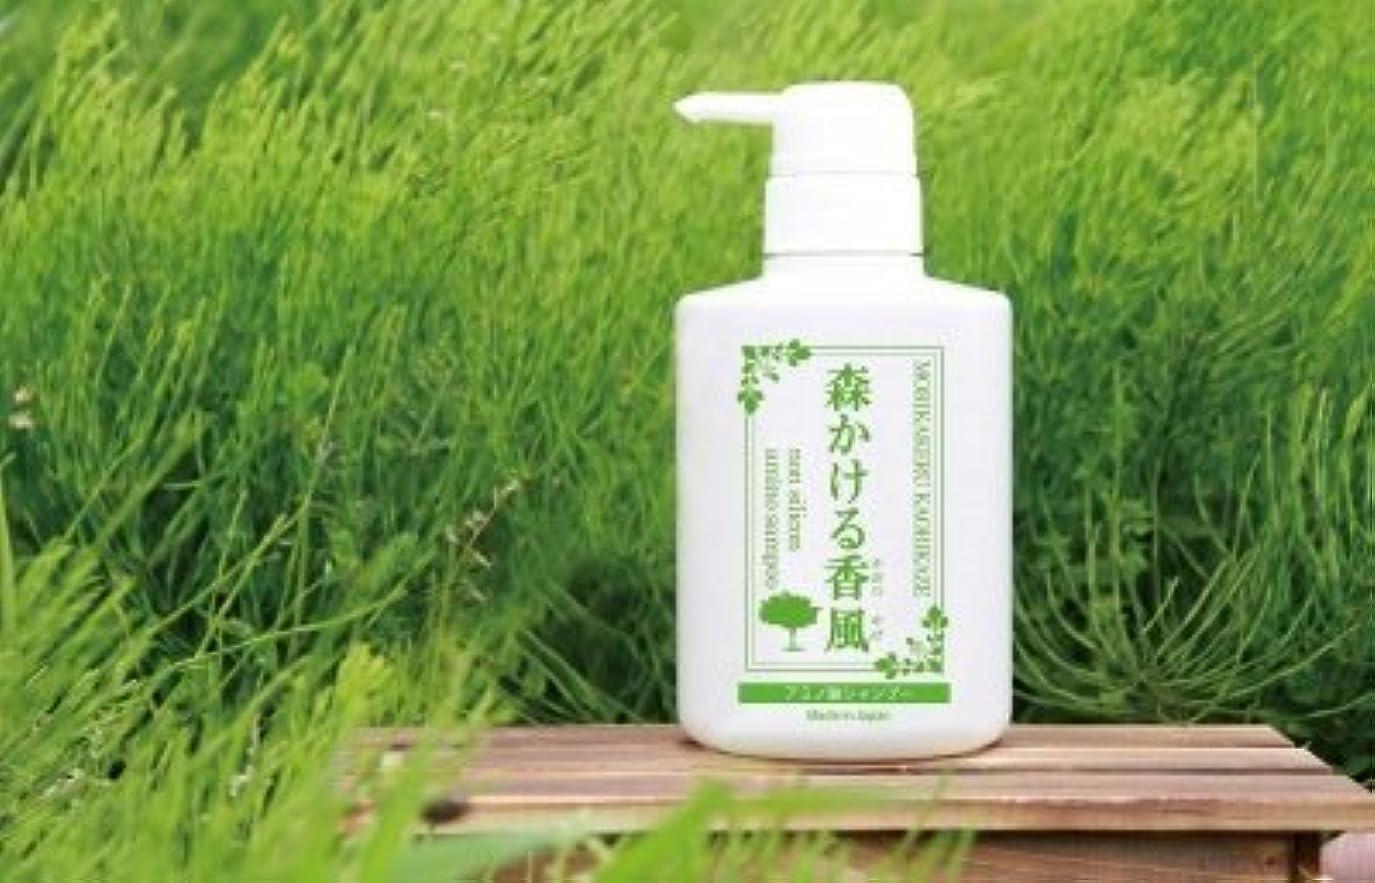 軽量要件議題お肌にやさしい弱酸性のアミノ酸シャンプー「森かける香風」300ml(品番K-1)k-gate